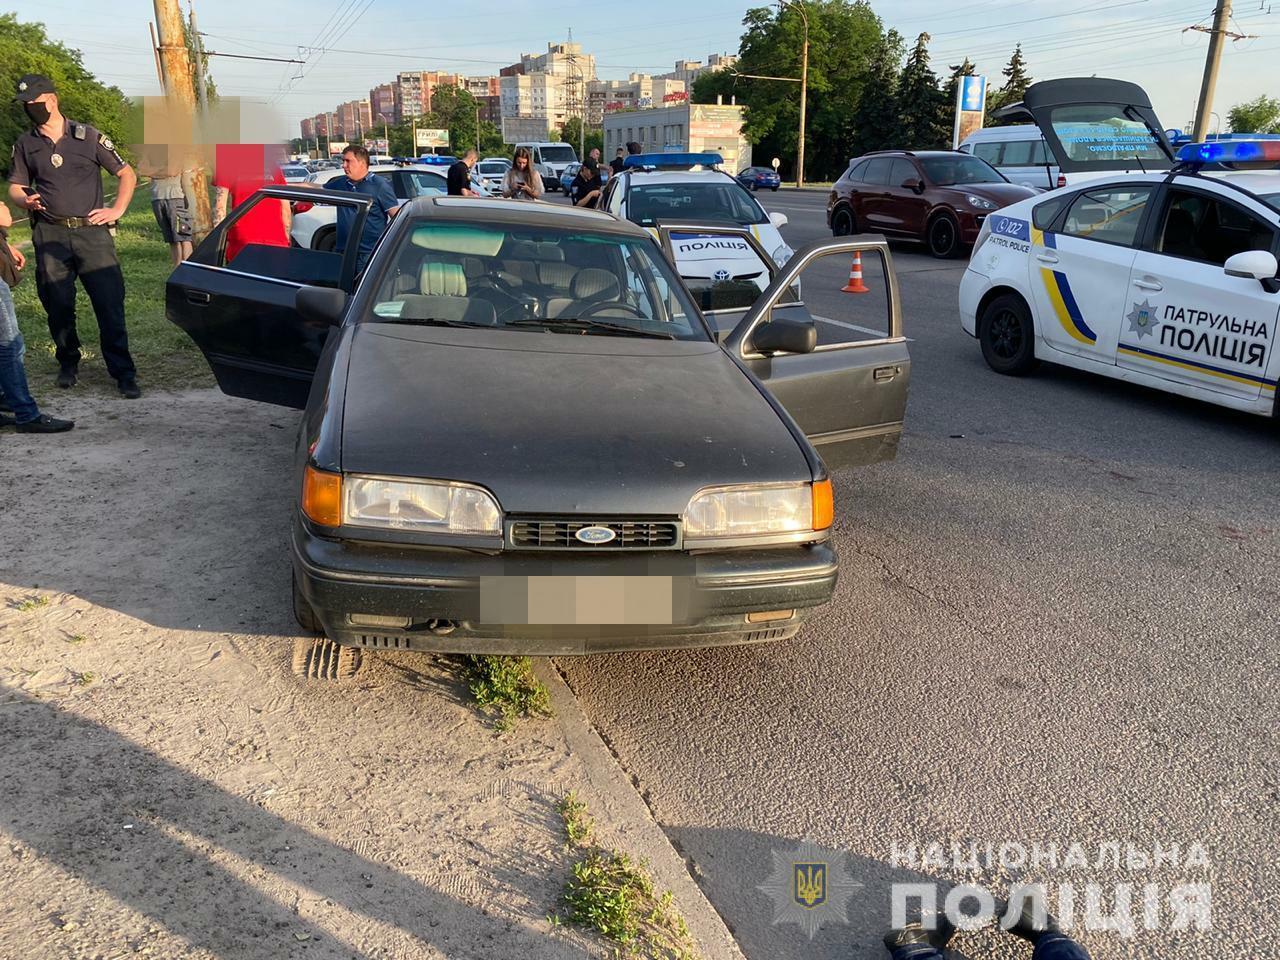 Задержание подозреваемого (Фото: пресс-служба полиции Днепропетровской области)